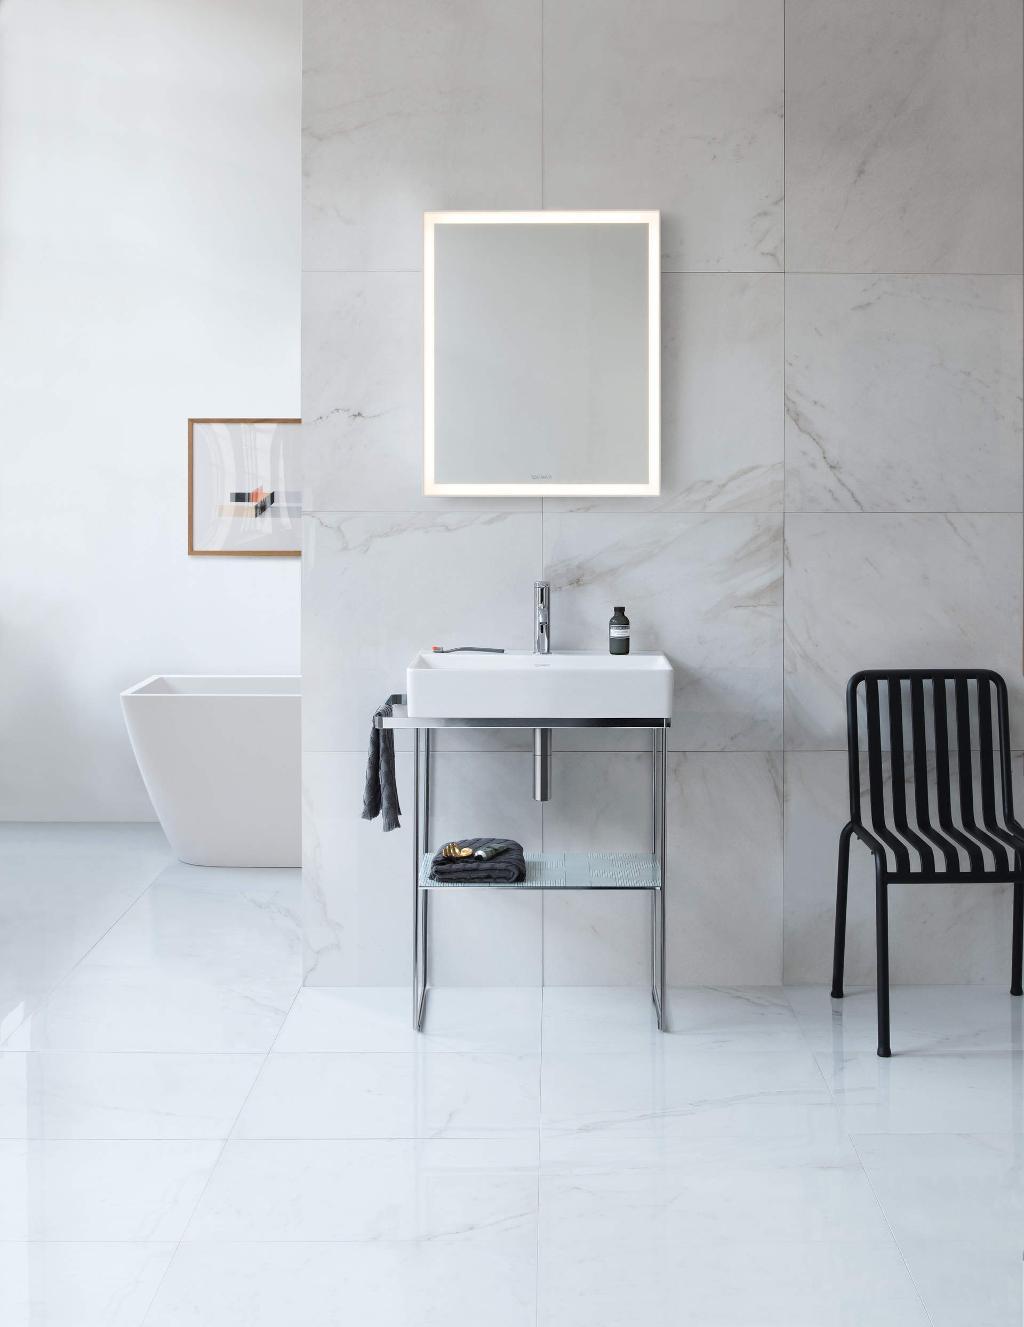 DuraSquare: Toilets, bidets & washbasins | Duravit